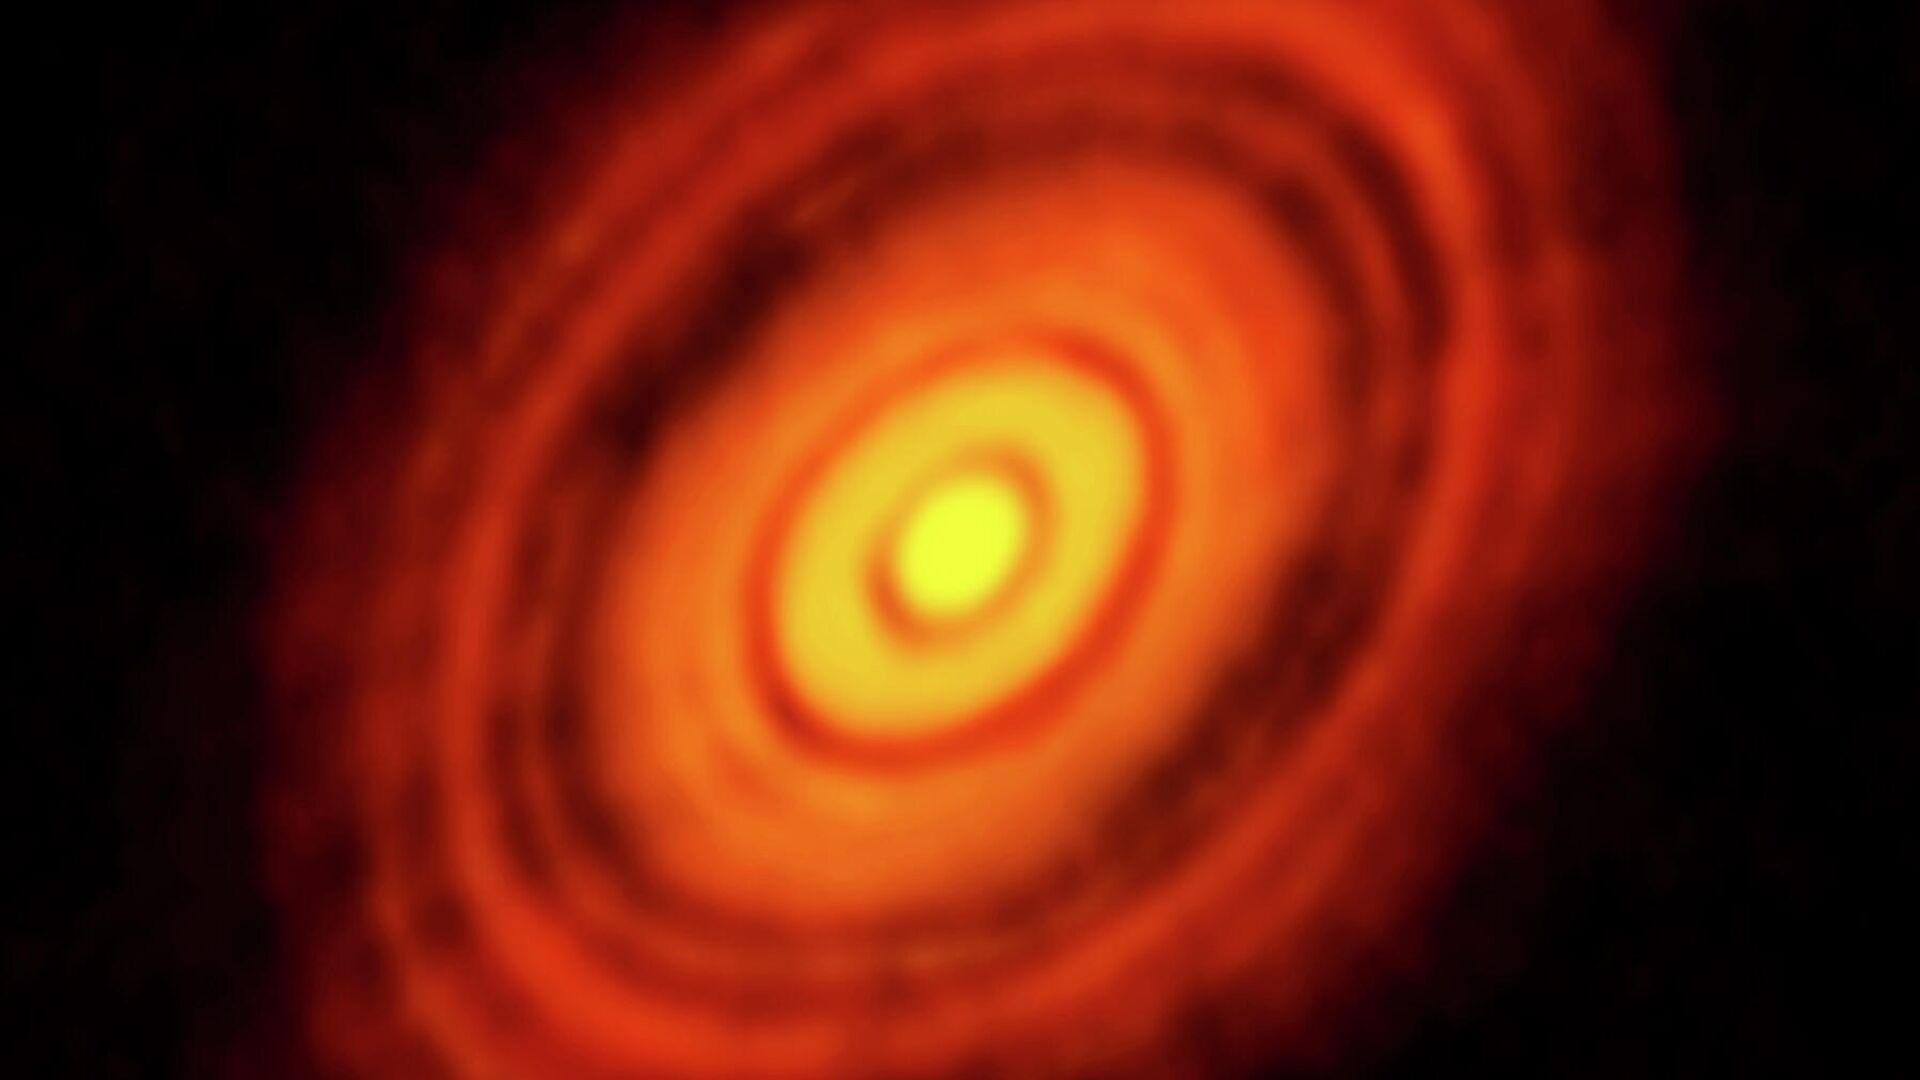 Протопланетный диск HL Тельца  - РИА Новости, 1920, 15.09.2020